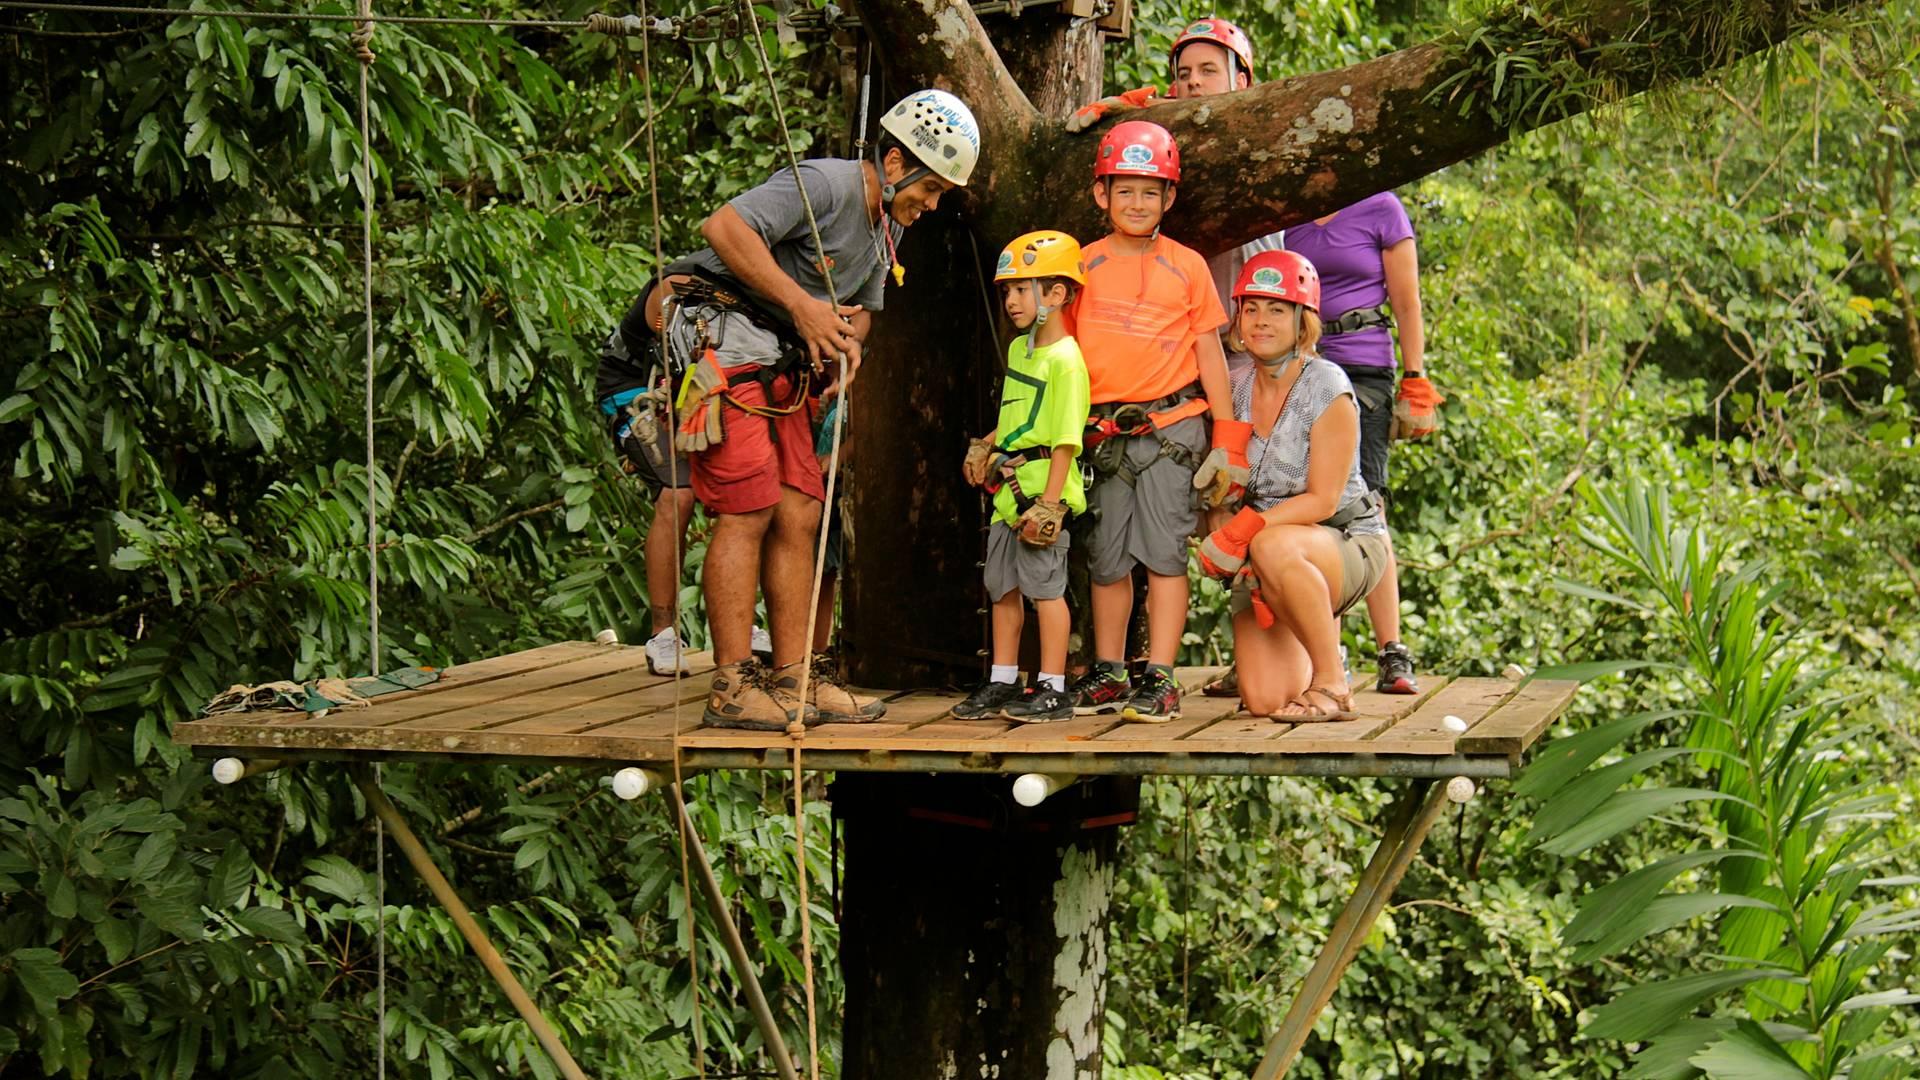 Bain de nature costaricienne et rencontres avec les locaux en famille